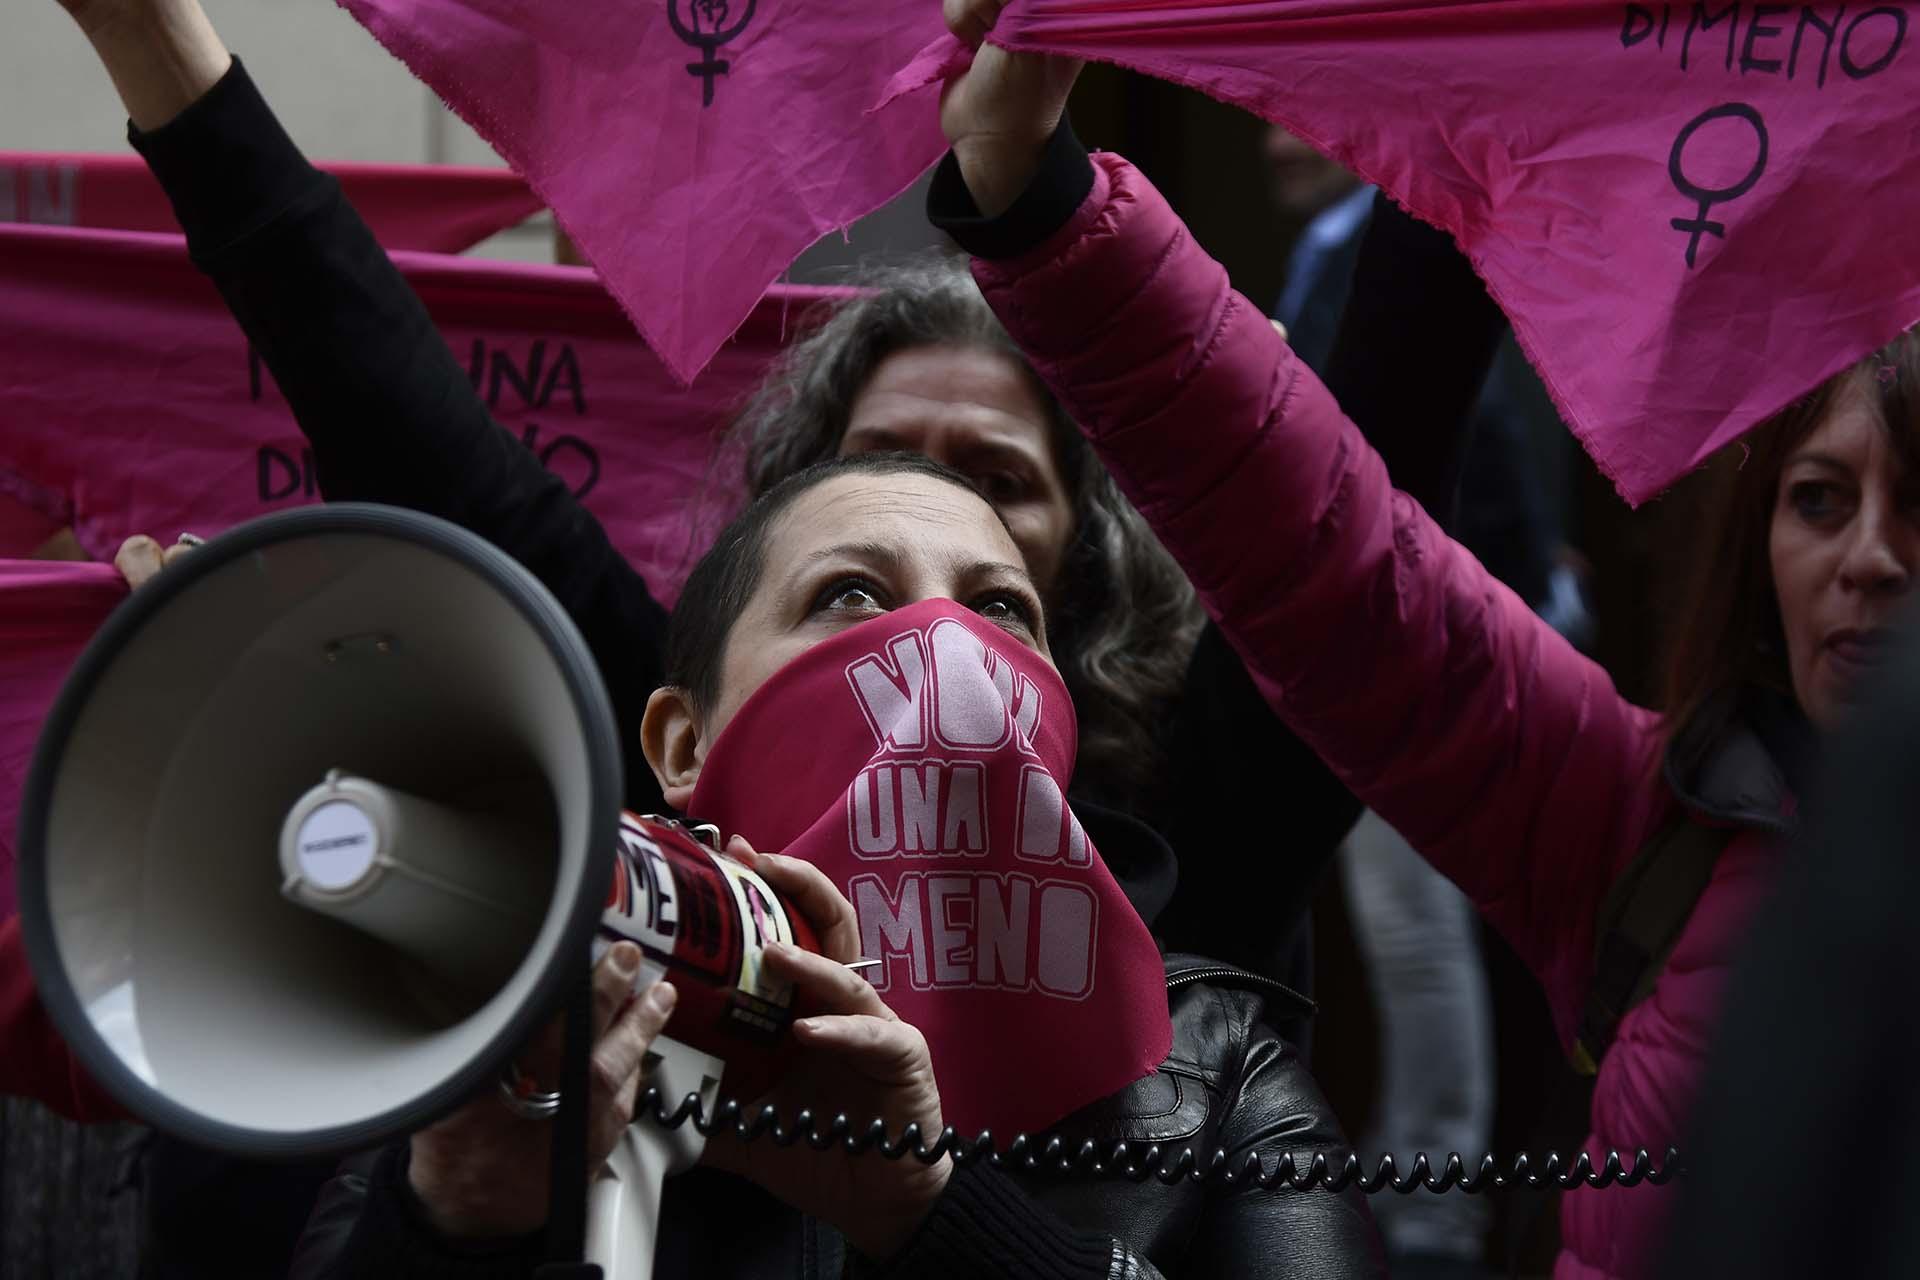 """En Roma, las mujeres reclaman por el fin de los femicidios con la frase """"Ni una menos""""frente al Ministerio de Trabajo(Photo by Filippo MONTEFORTE / AFP)"""